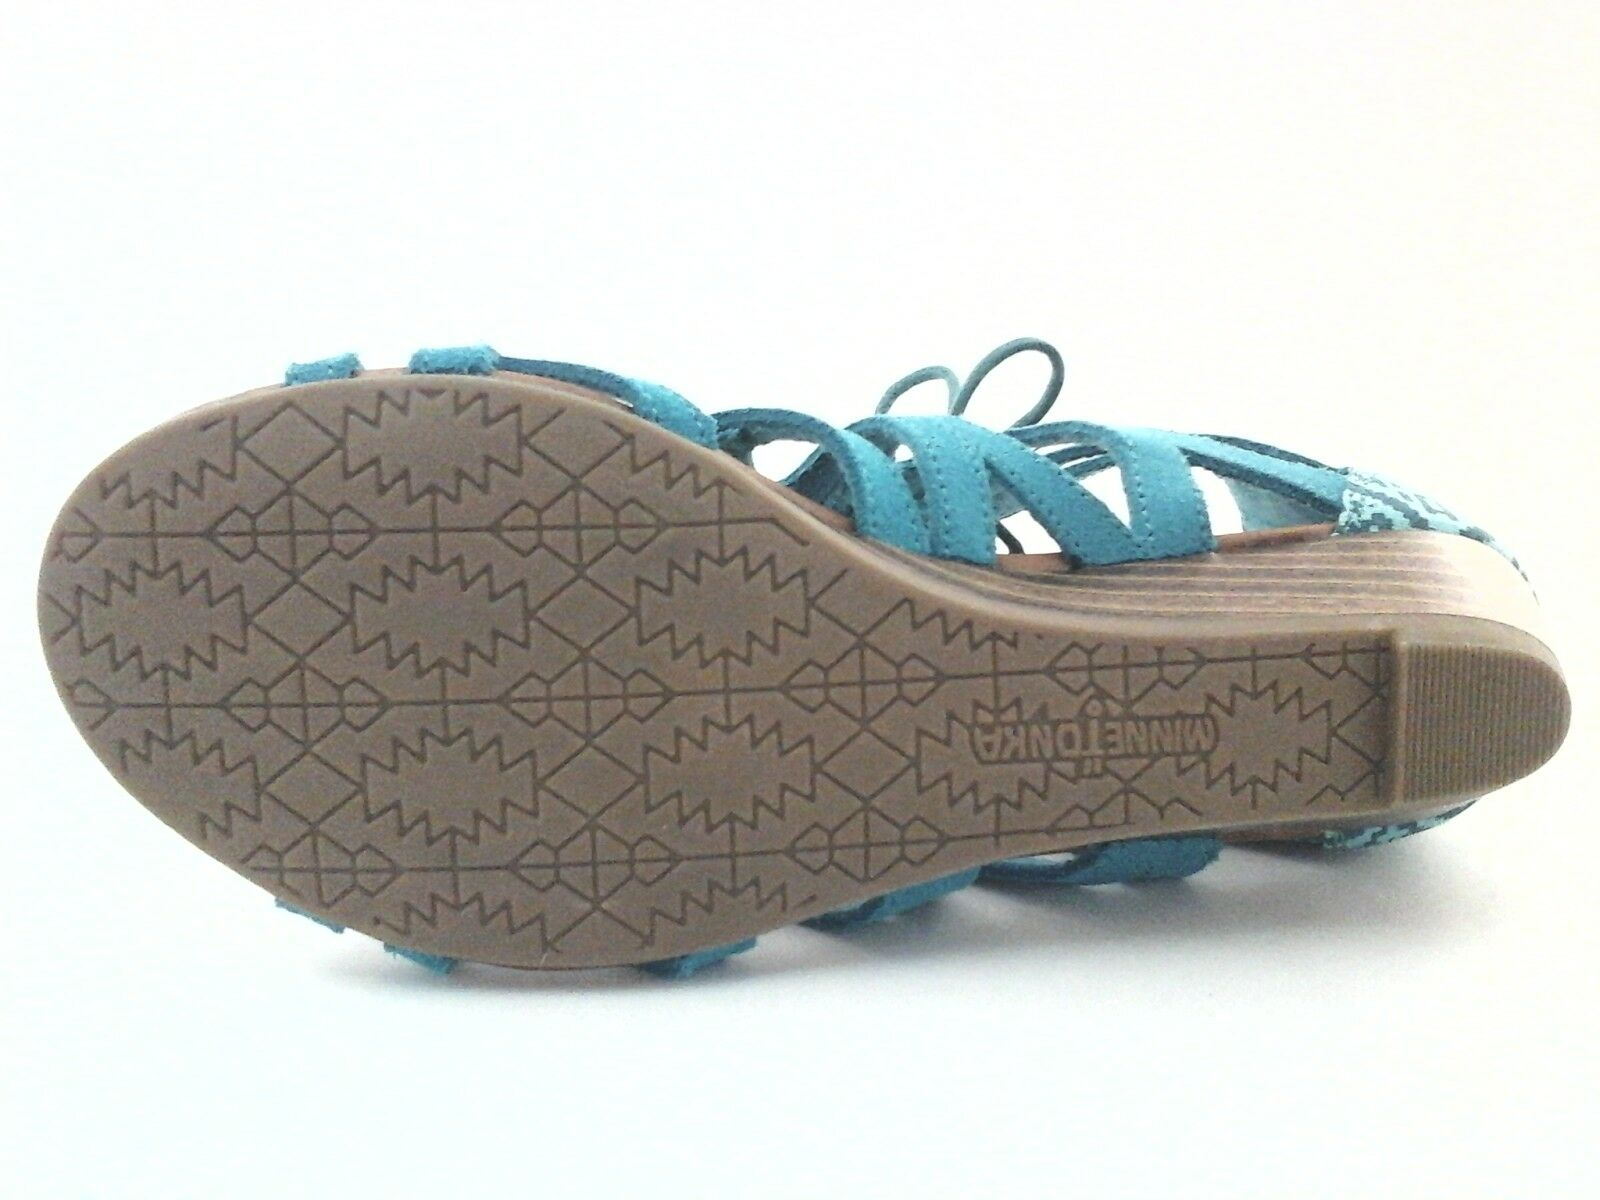 Minnetonka Merida II Lace up US Gladiator Wedge Sandales Turquoise US up 9 EU 40 UK 7.5 64f10e